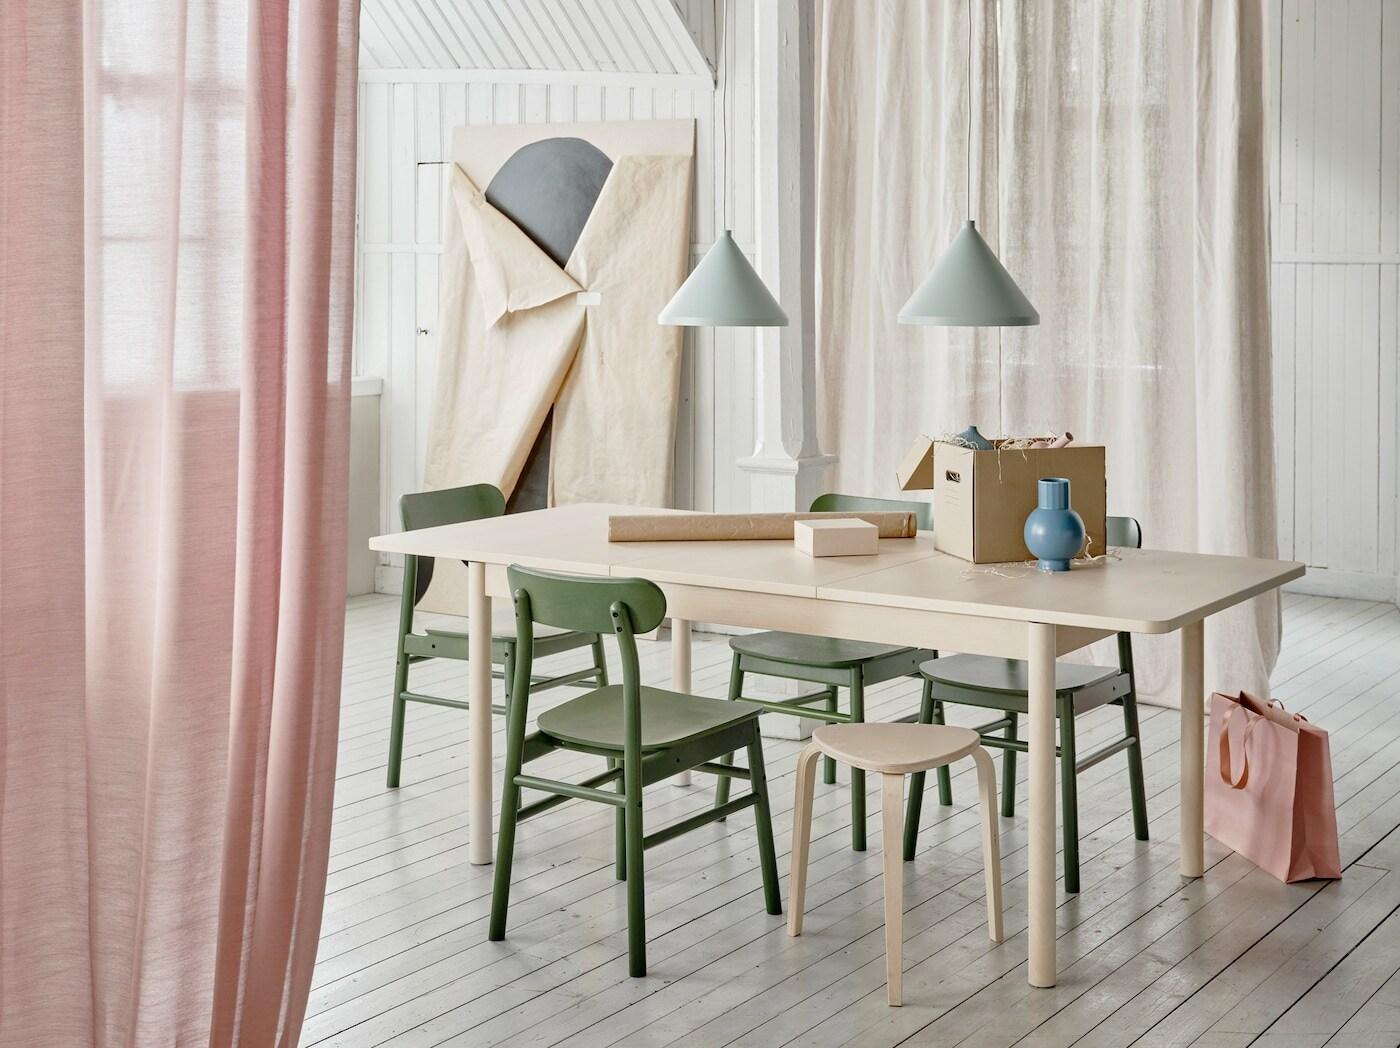 Rozkládací stůl RÖNNINGE v jídelně, na stole je krabice a balicí papíry,nad stolem závěsné lampy